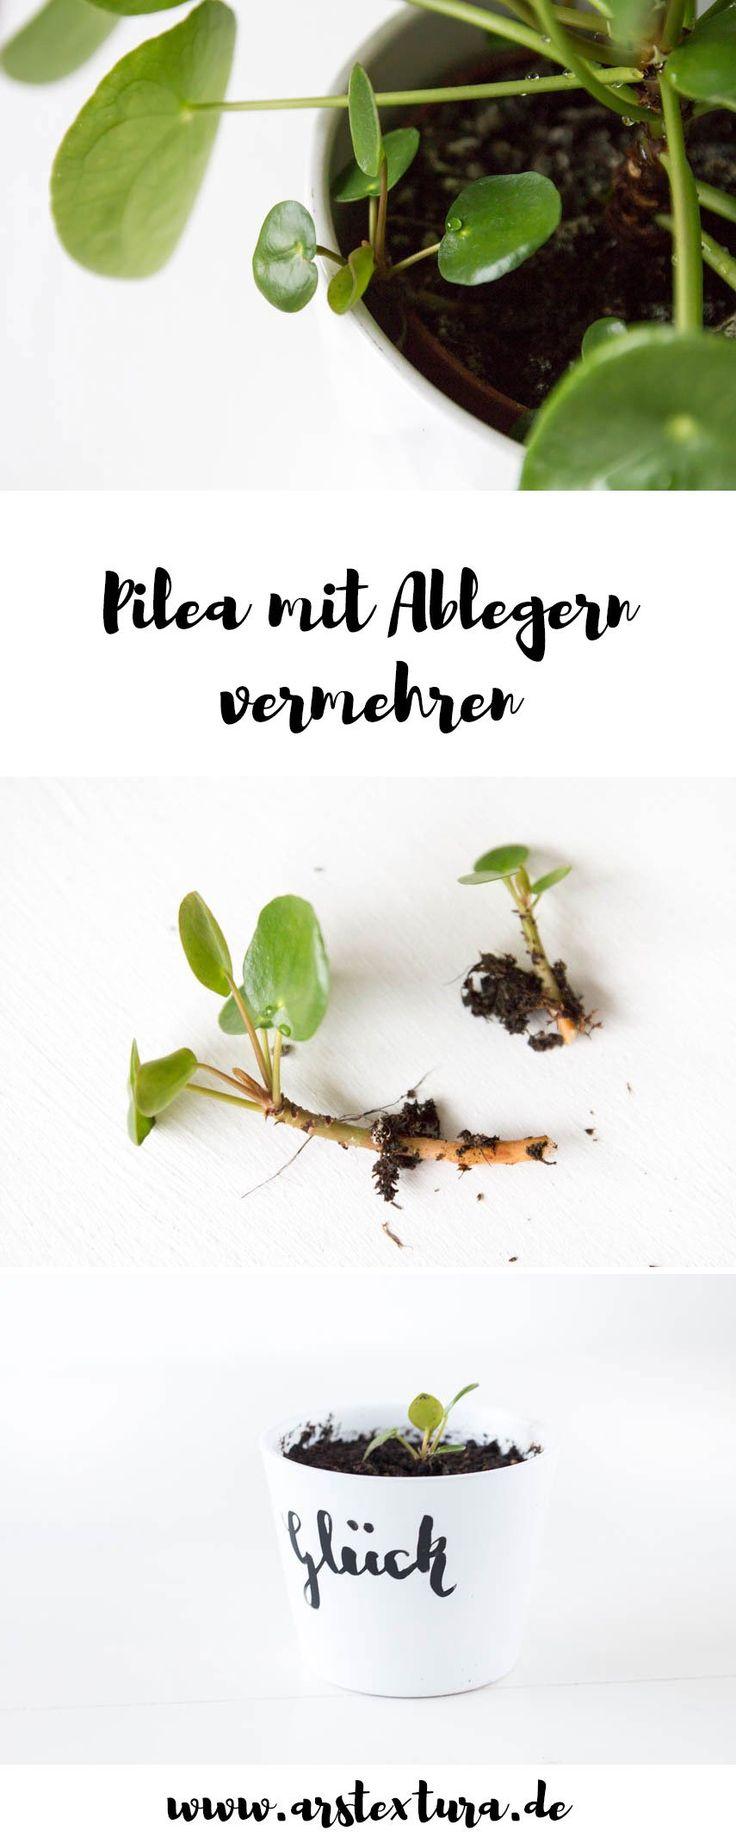 Pilea - Ufopflanze mit Ablegern vermehren